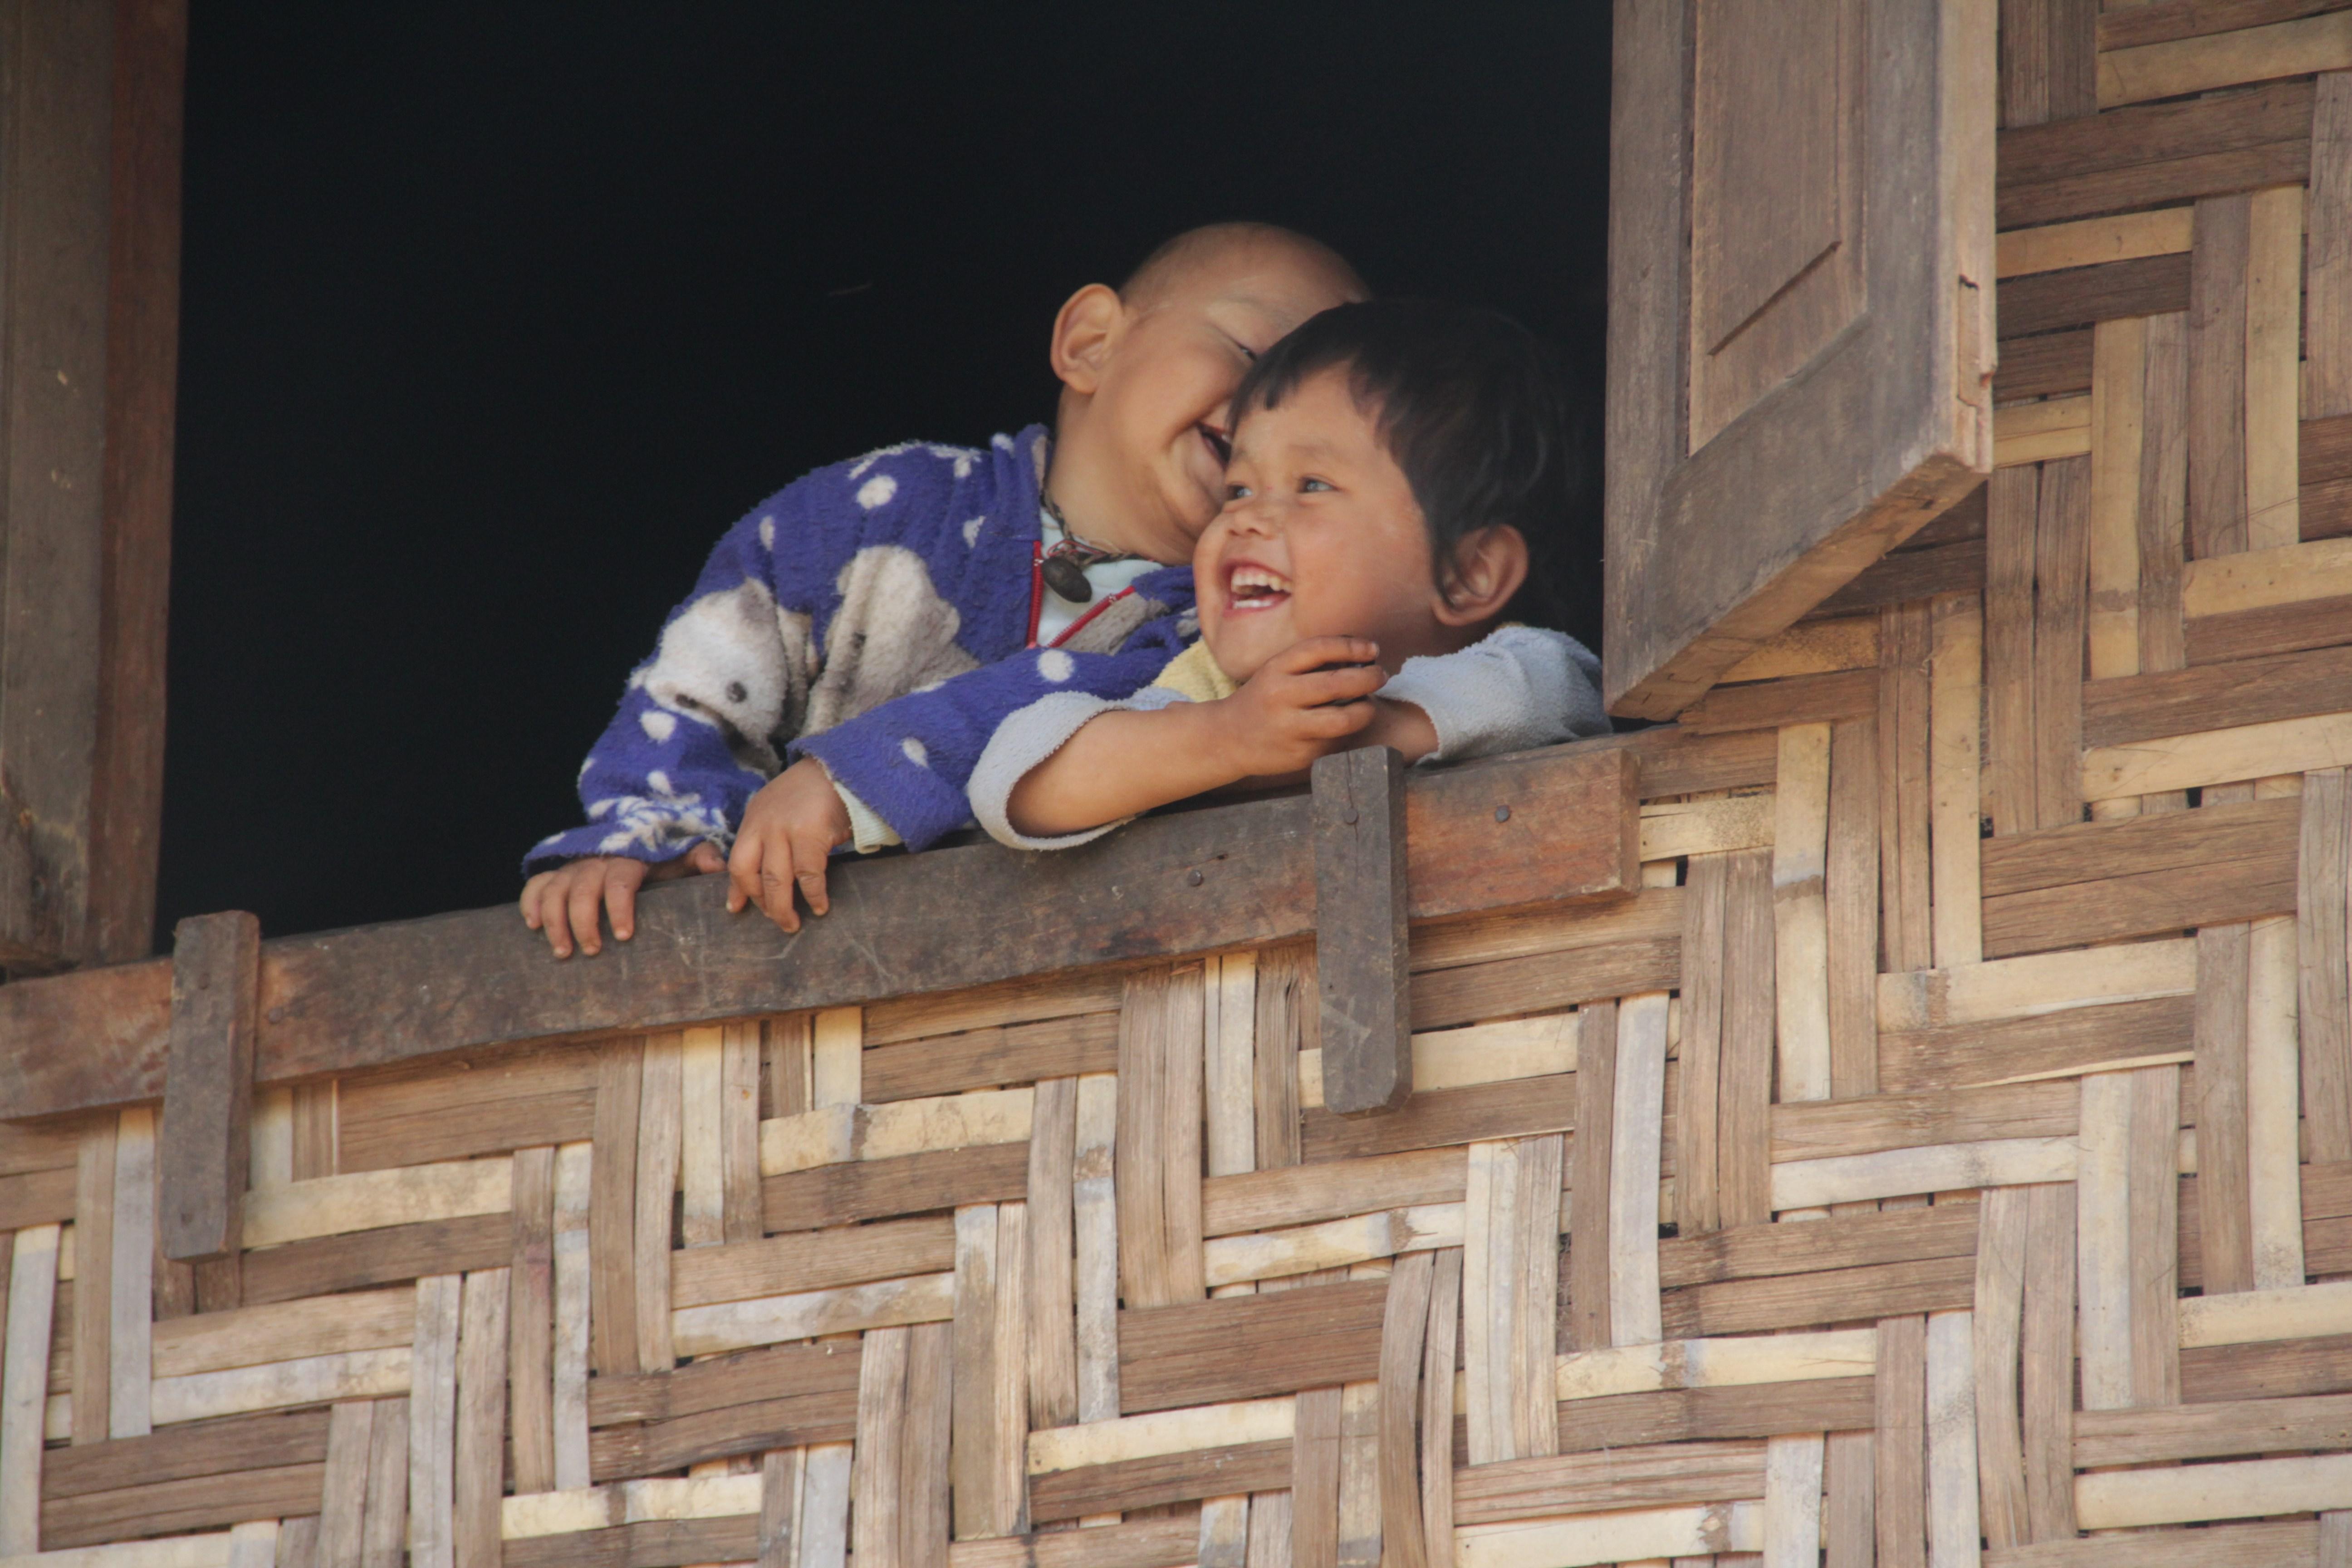 Deux enfants n'arrêtent pas de rigoler en notre présence (© Jérôme Decoster).